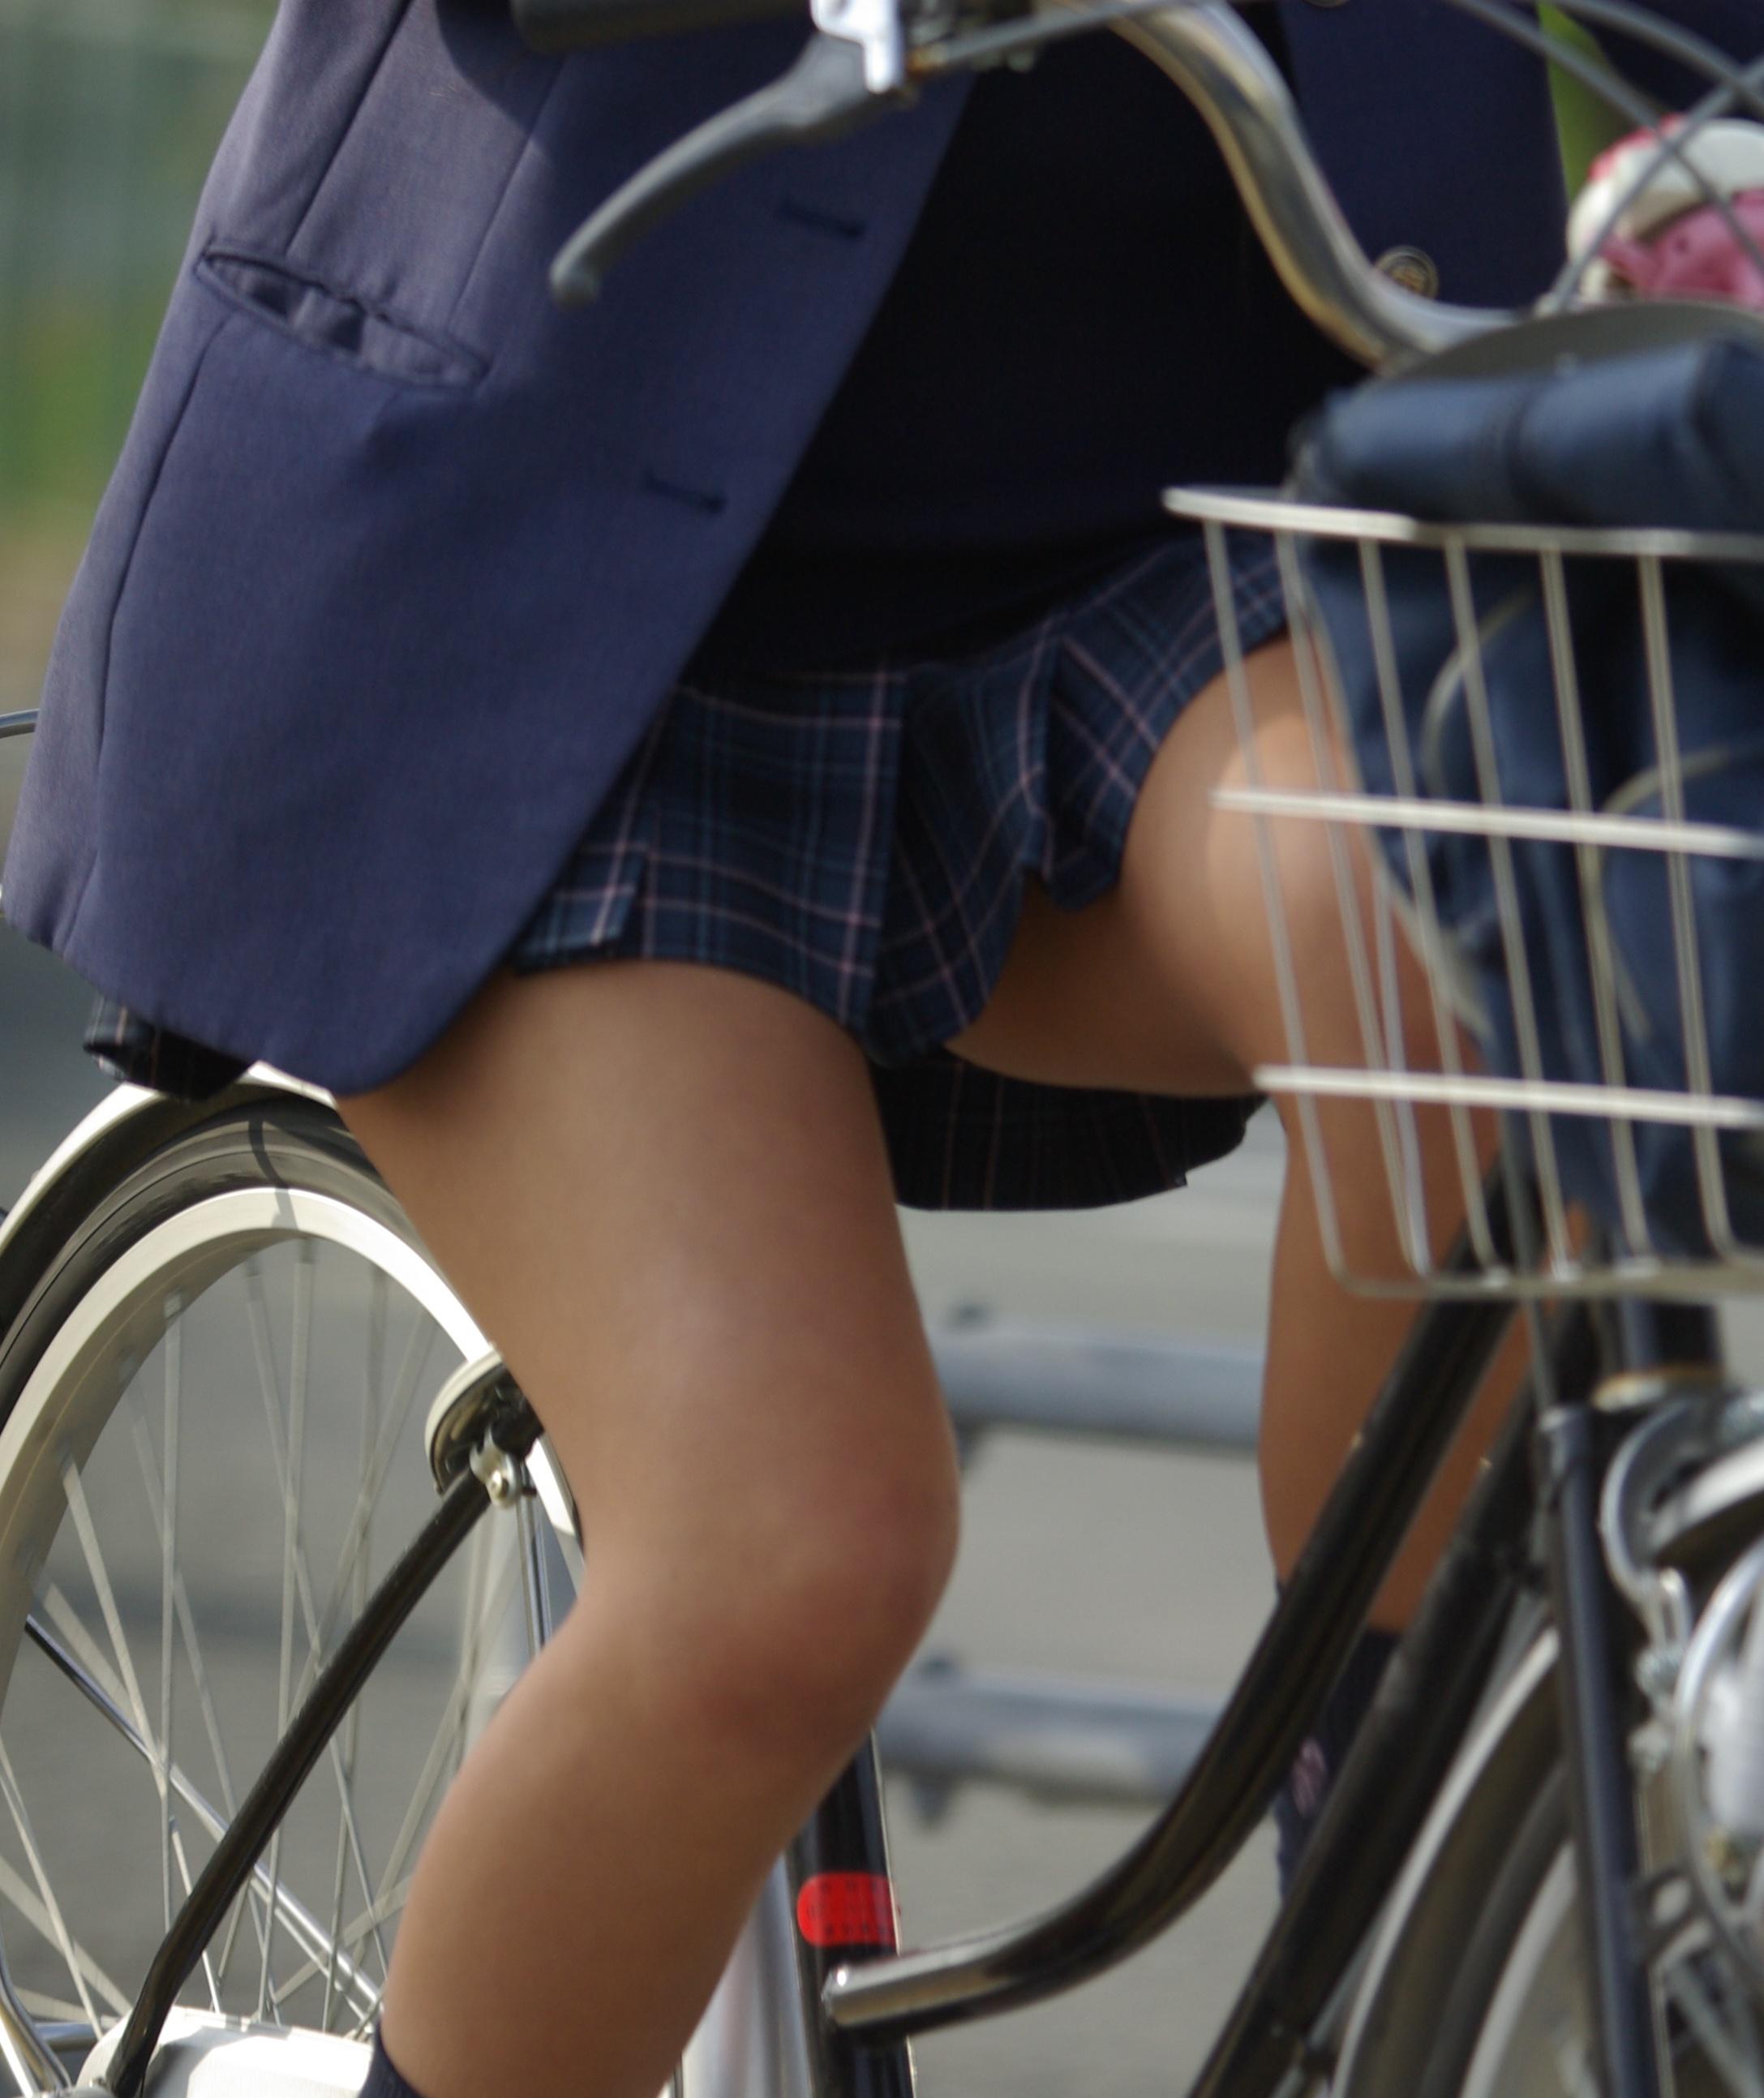 【自転車JKエロ画像】自転車通学する女子高生…ただそれだけでもエロ目線で見えてしまう街撮り画像 その5